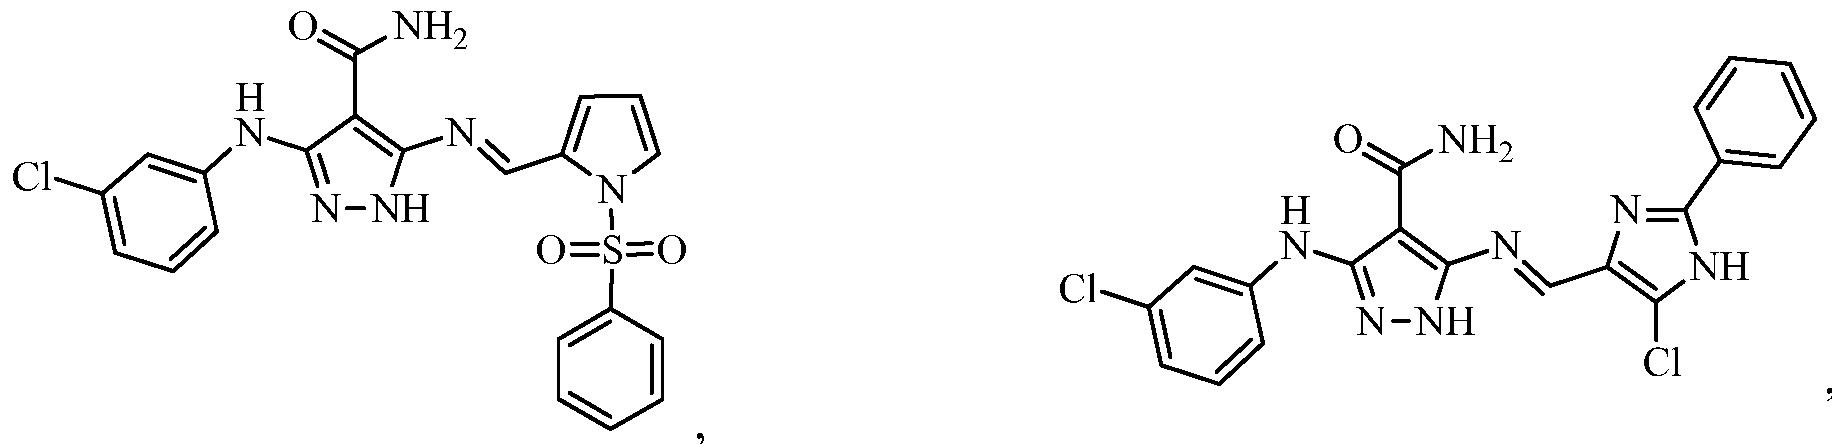 Figure imgf000176_0004